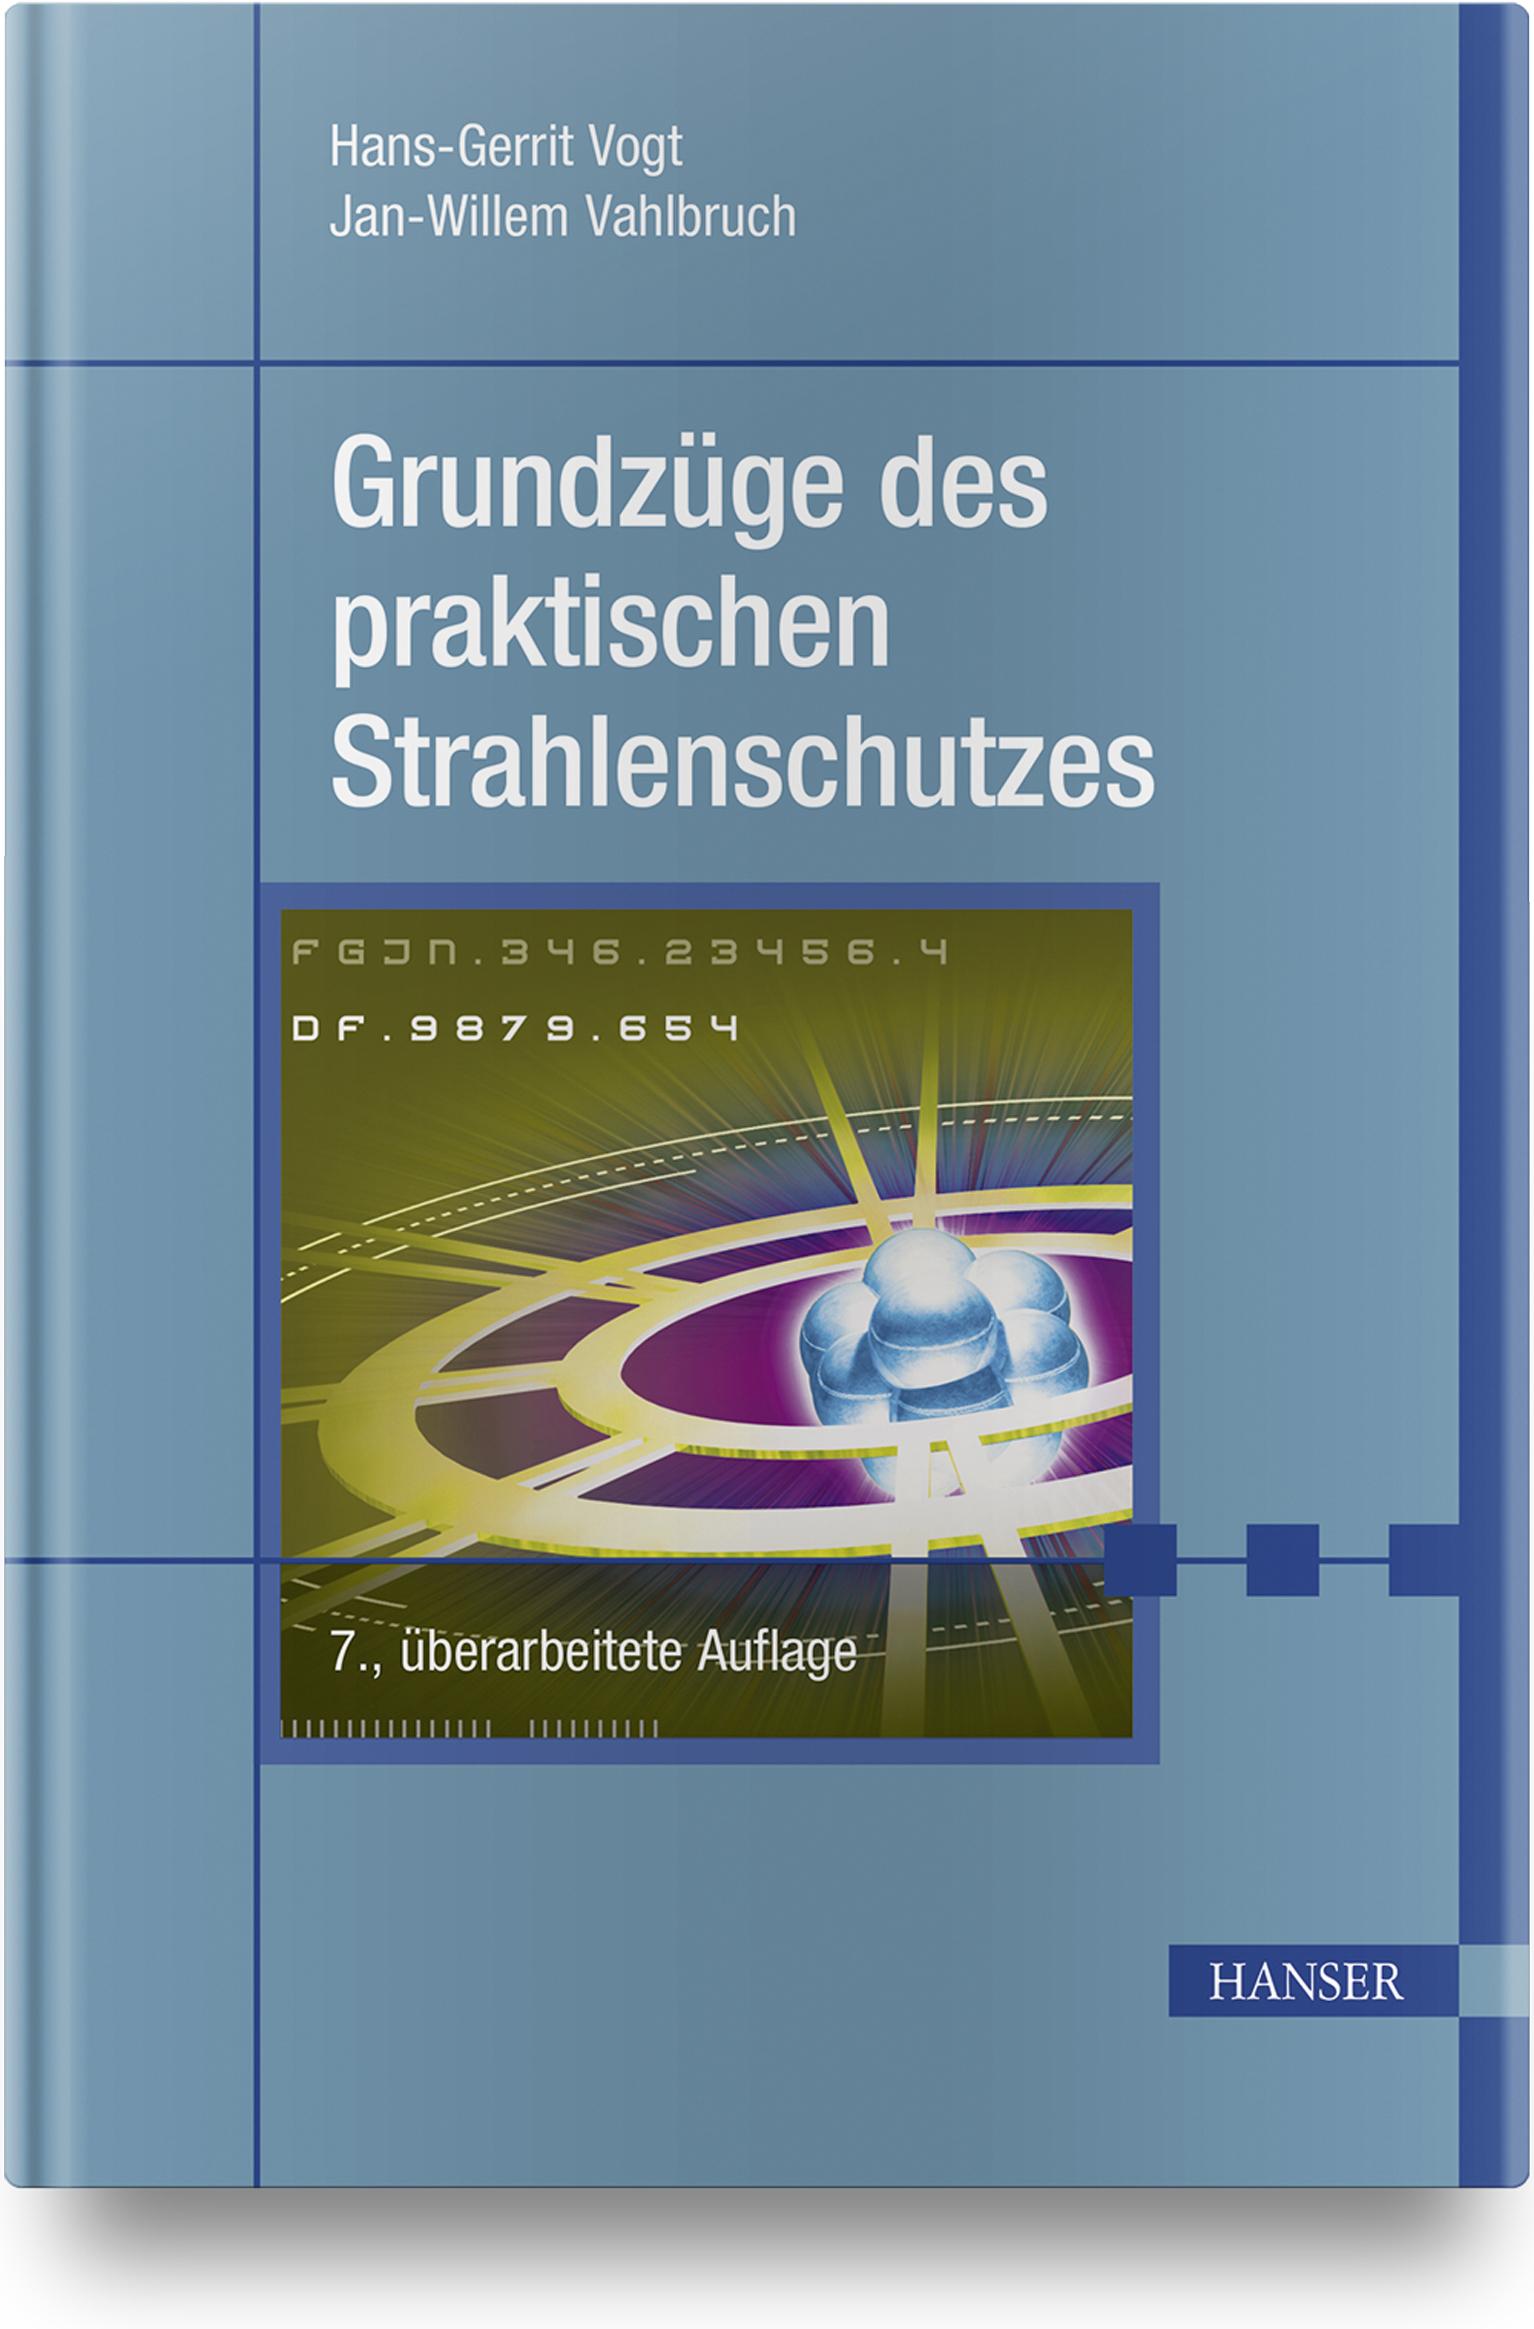 Vogt, Vahlbruch, Grundzüge des praktischen Strahlenschutzes. Berücksichtigt StrlSchV/StrSchG Stand 2019, 978-3-446-44919-0